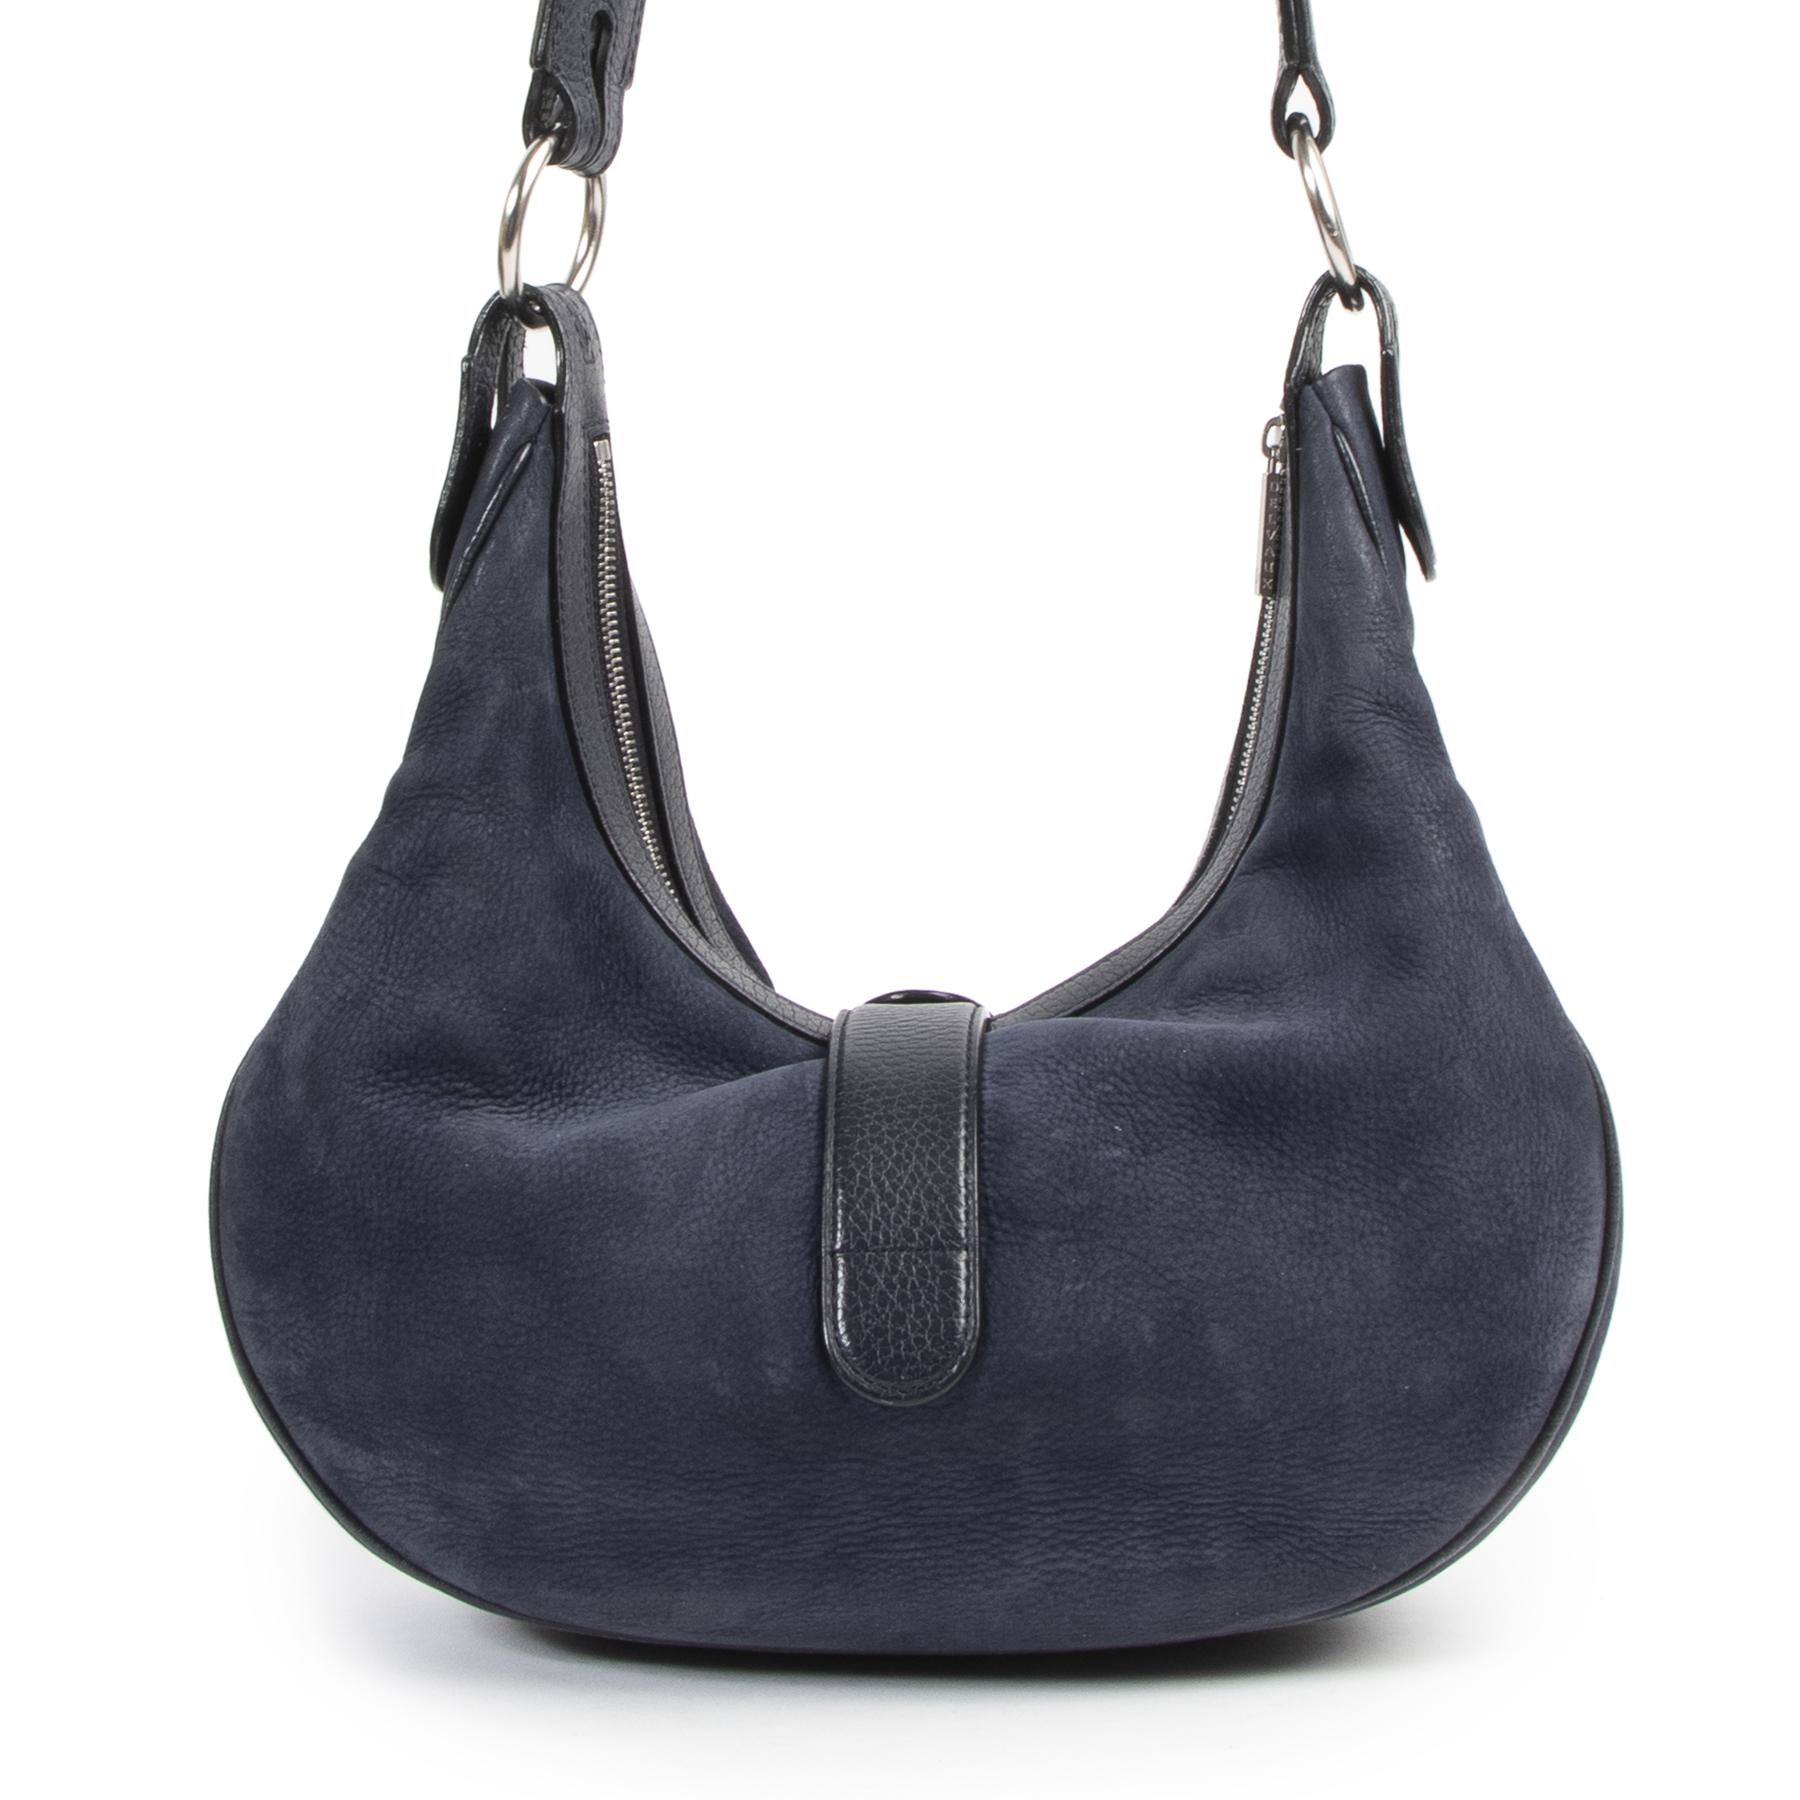 Authentieke Tweedehands Delvaux Blue Camille Nubuck Leather Bag  juiste prijs veilig online shoppen luxe merken webshop winkelen Antwerpen België mode fashion